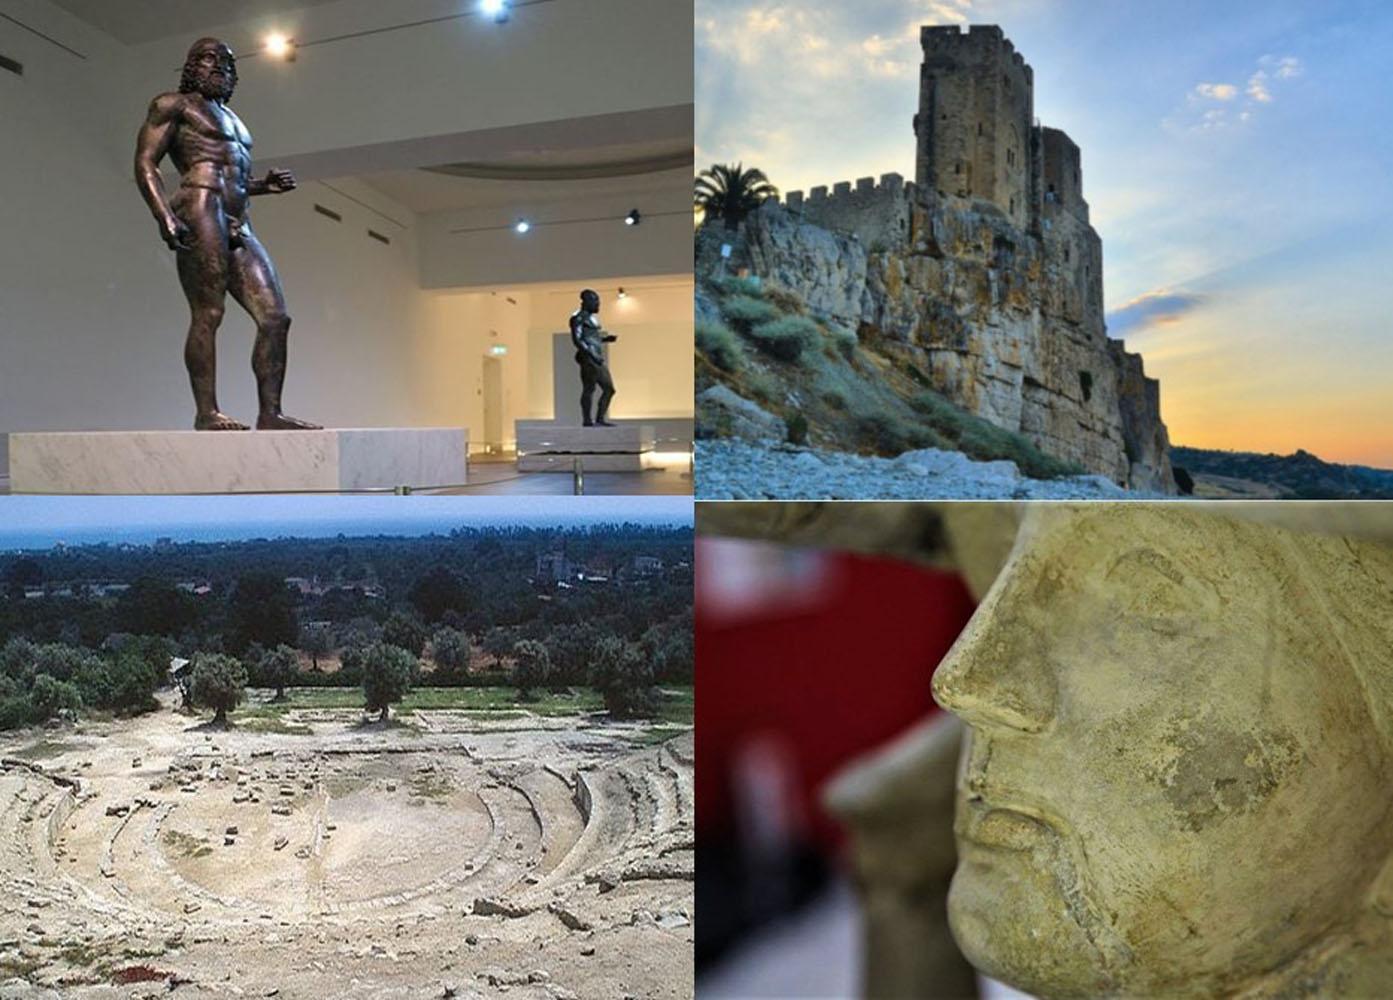 Attrattori – Piano Digitale – Piano digitale per la protezione degli attrattori culturali della Calabria